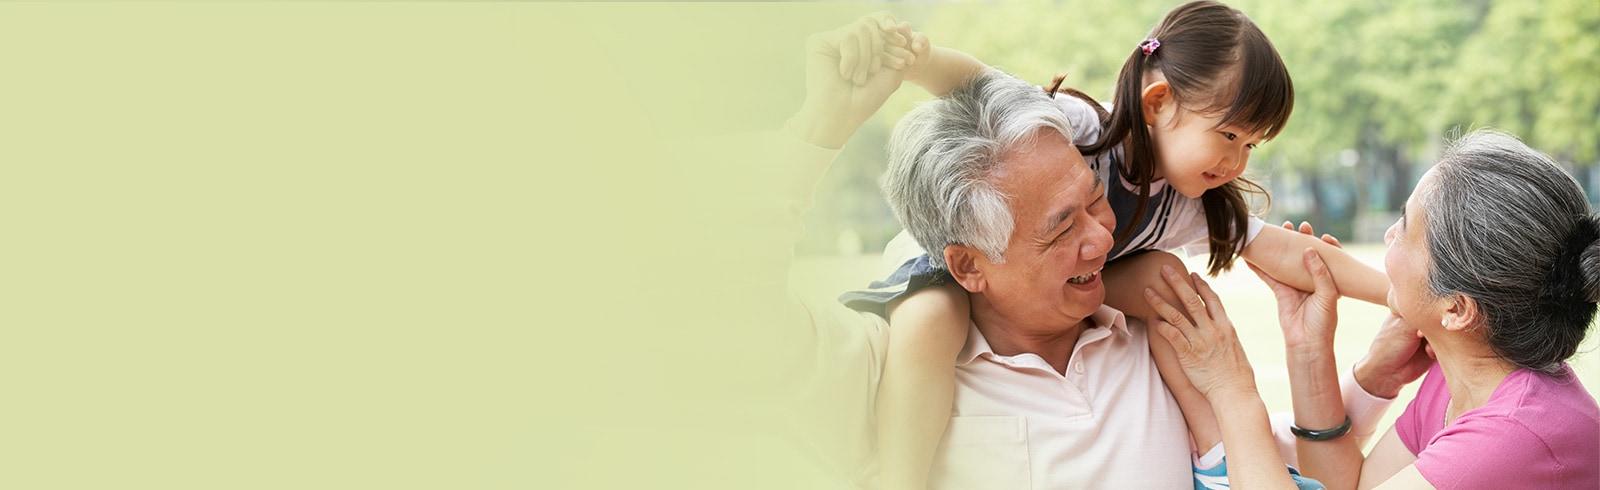 Sc sg preventive care